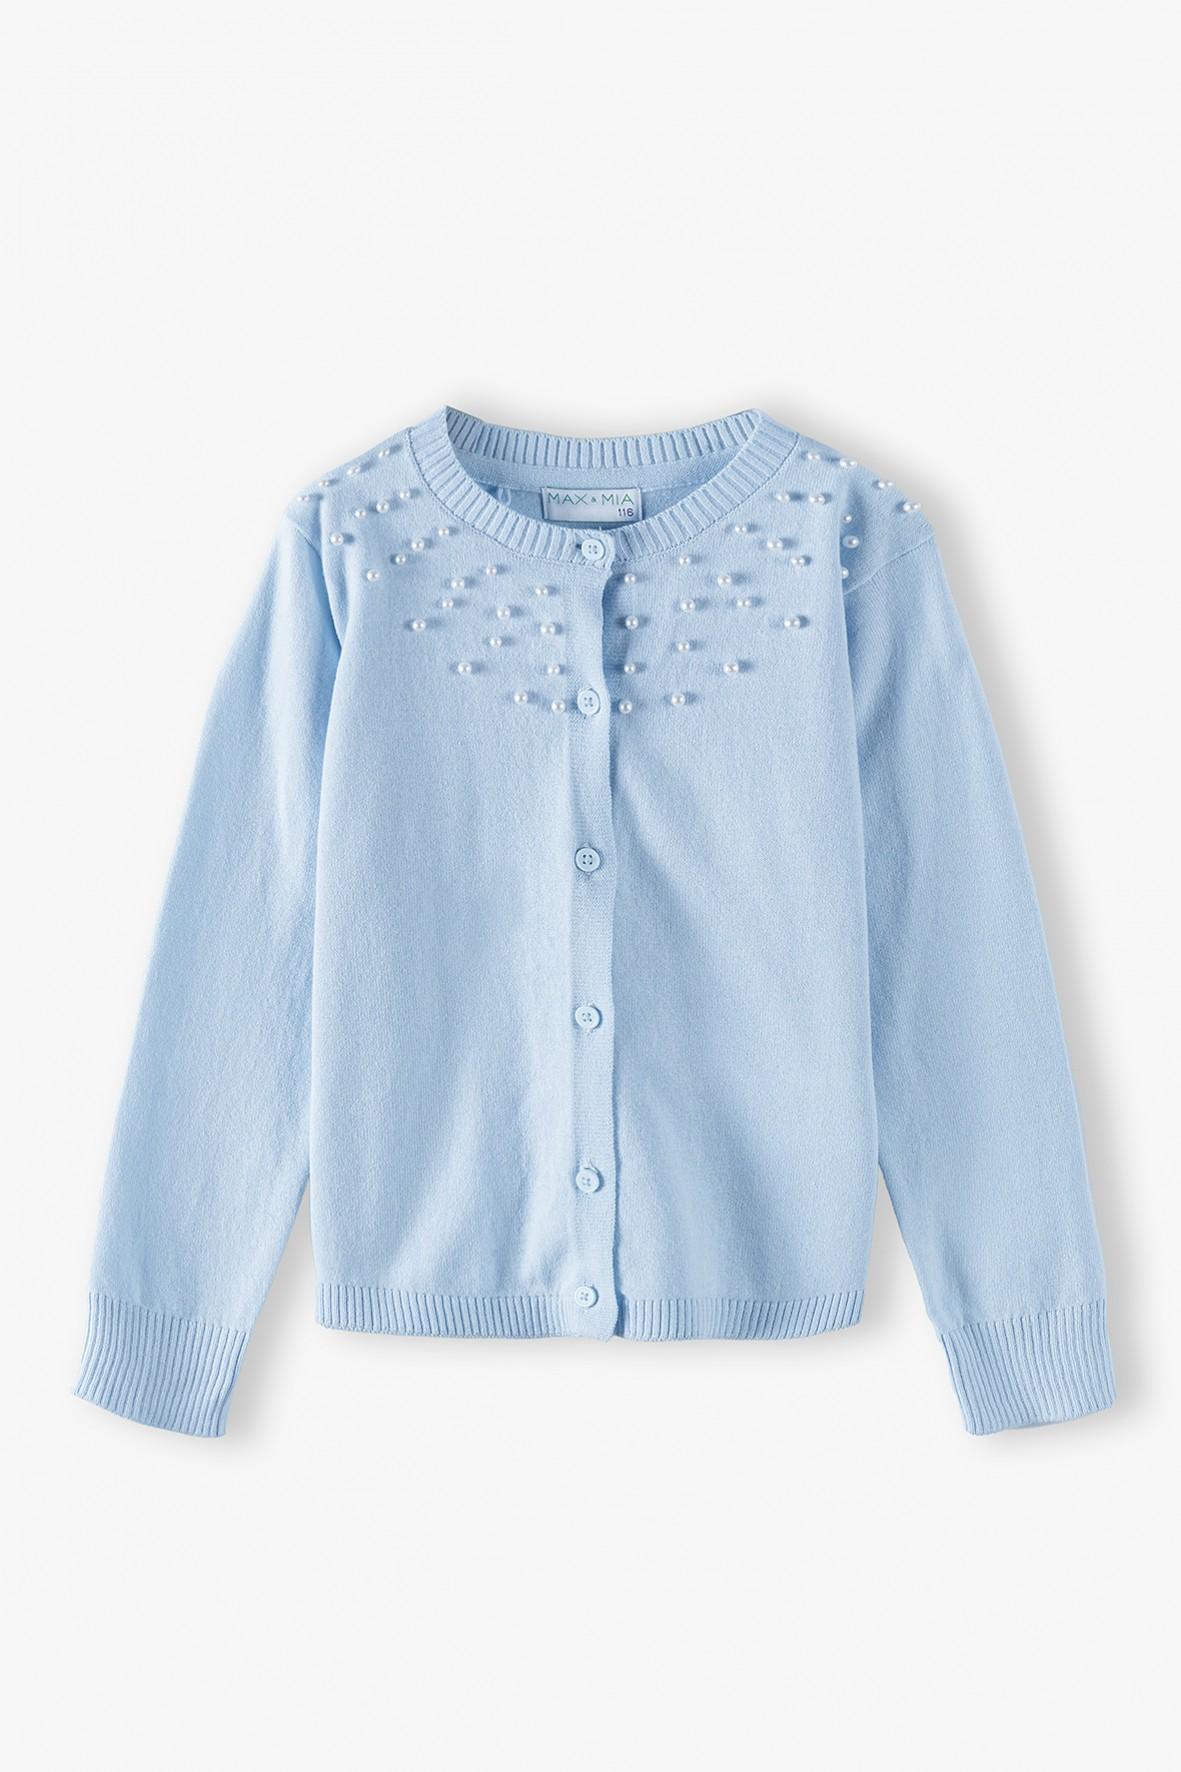 Sweter dziewczęcy niebieski z ozdobnymi perełkami